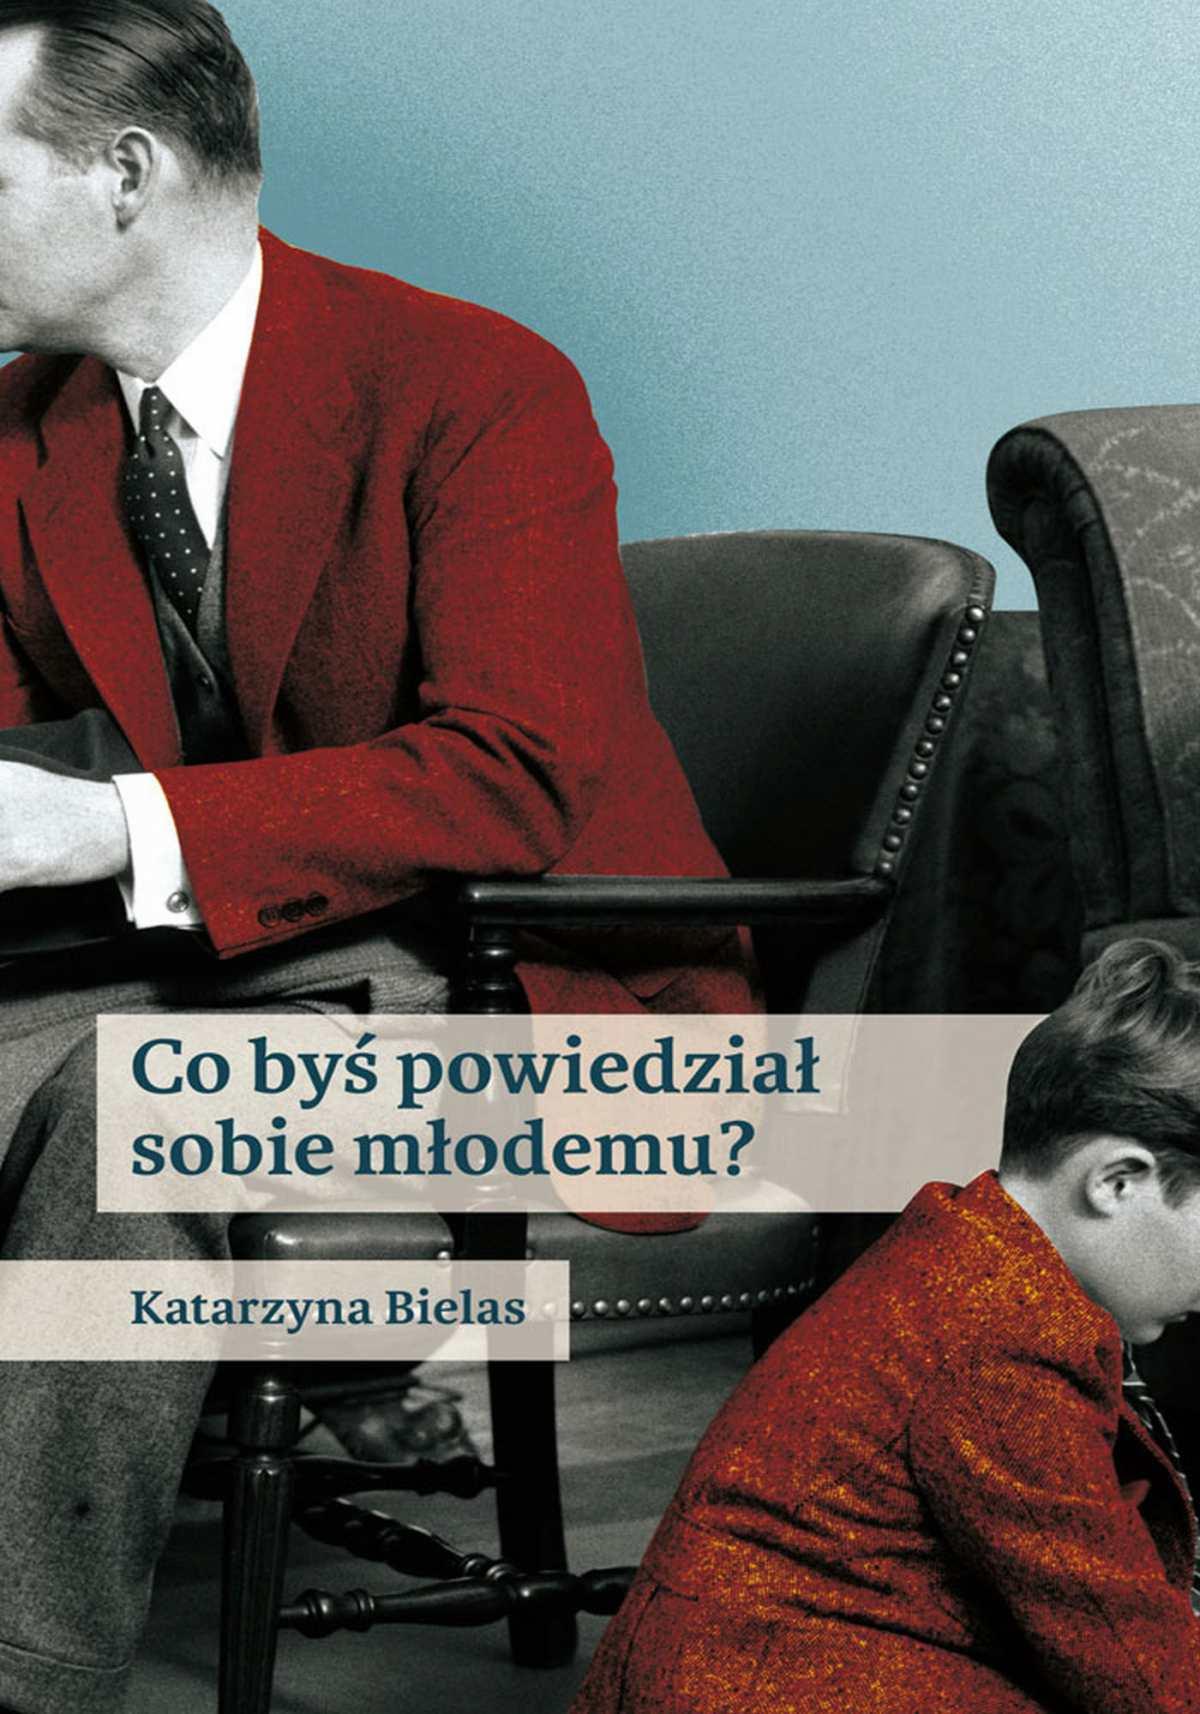 Co byś powiedział sobie młodemu? - Ebook (Książka na Kindle) do pobrania w formacie MOBI